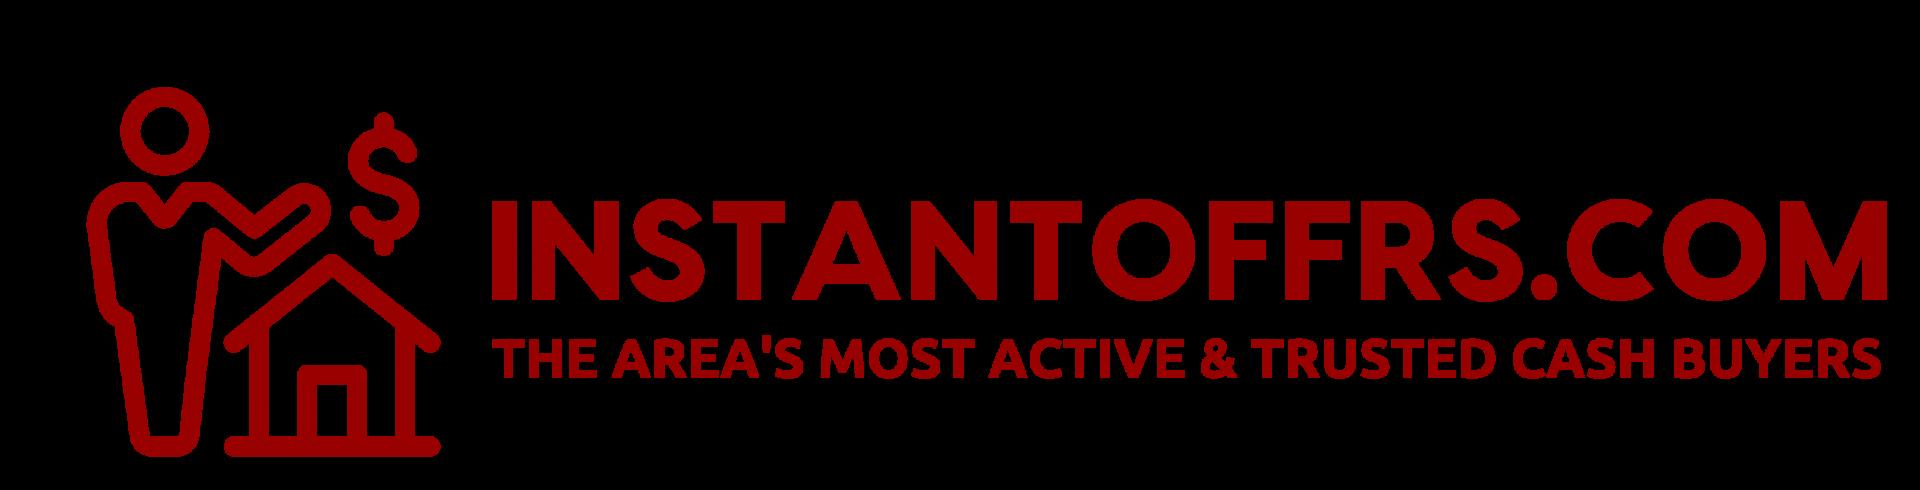 InstantOffrs.com logo